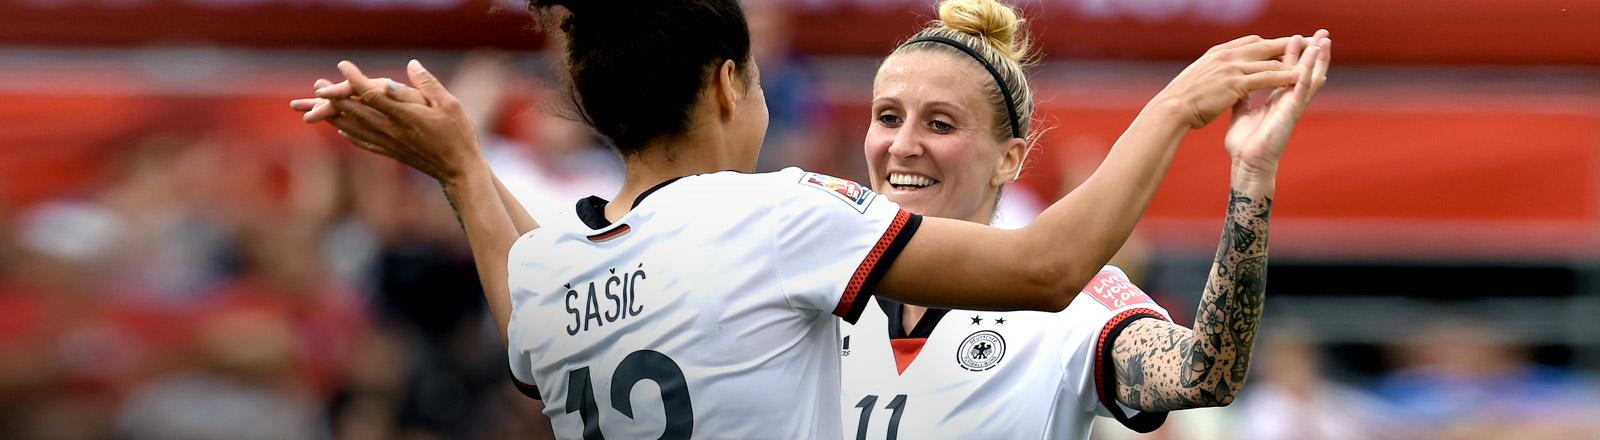 Die deutsche Fußball-Nationalmannschaft spielt bei der WM in Kanada gegen die Elfenbeinküste.